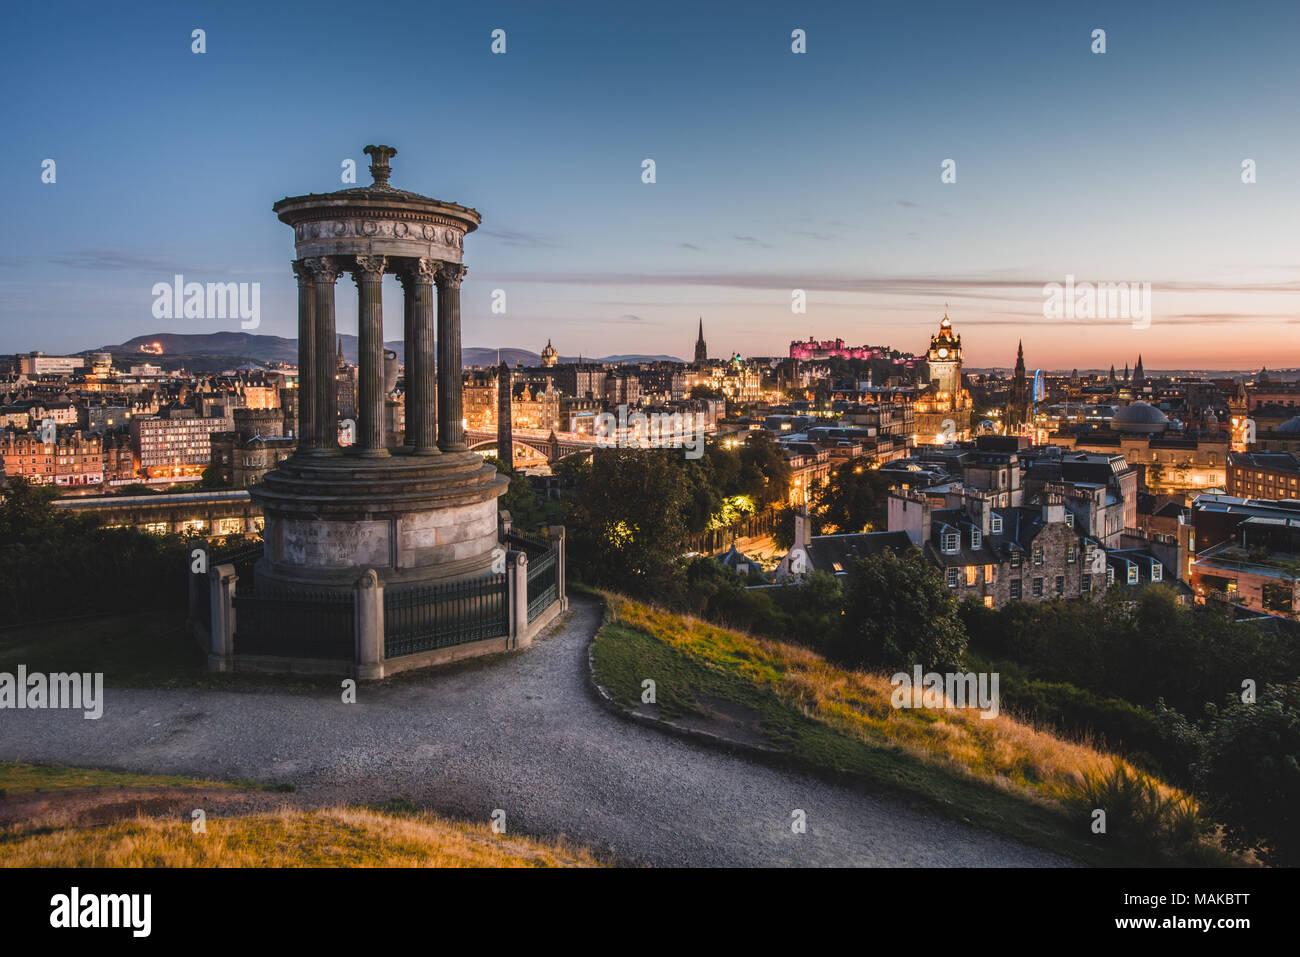 Bilder und Landschaften aus Schottland. Foto: Alessandro Bosio/Alamy Stockbild